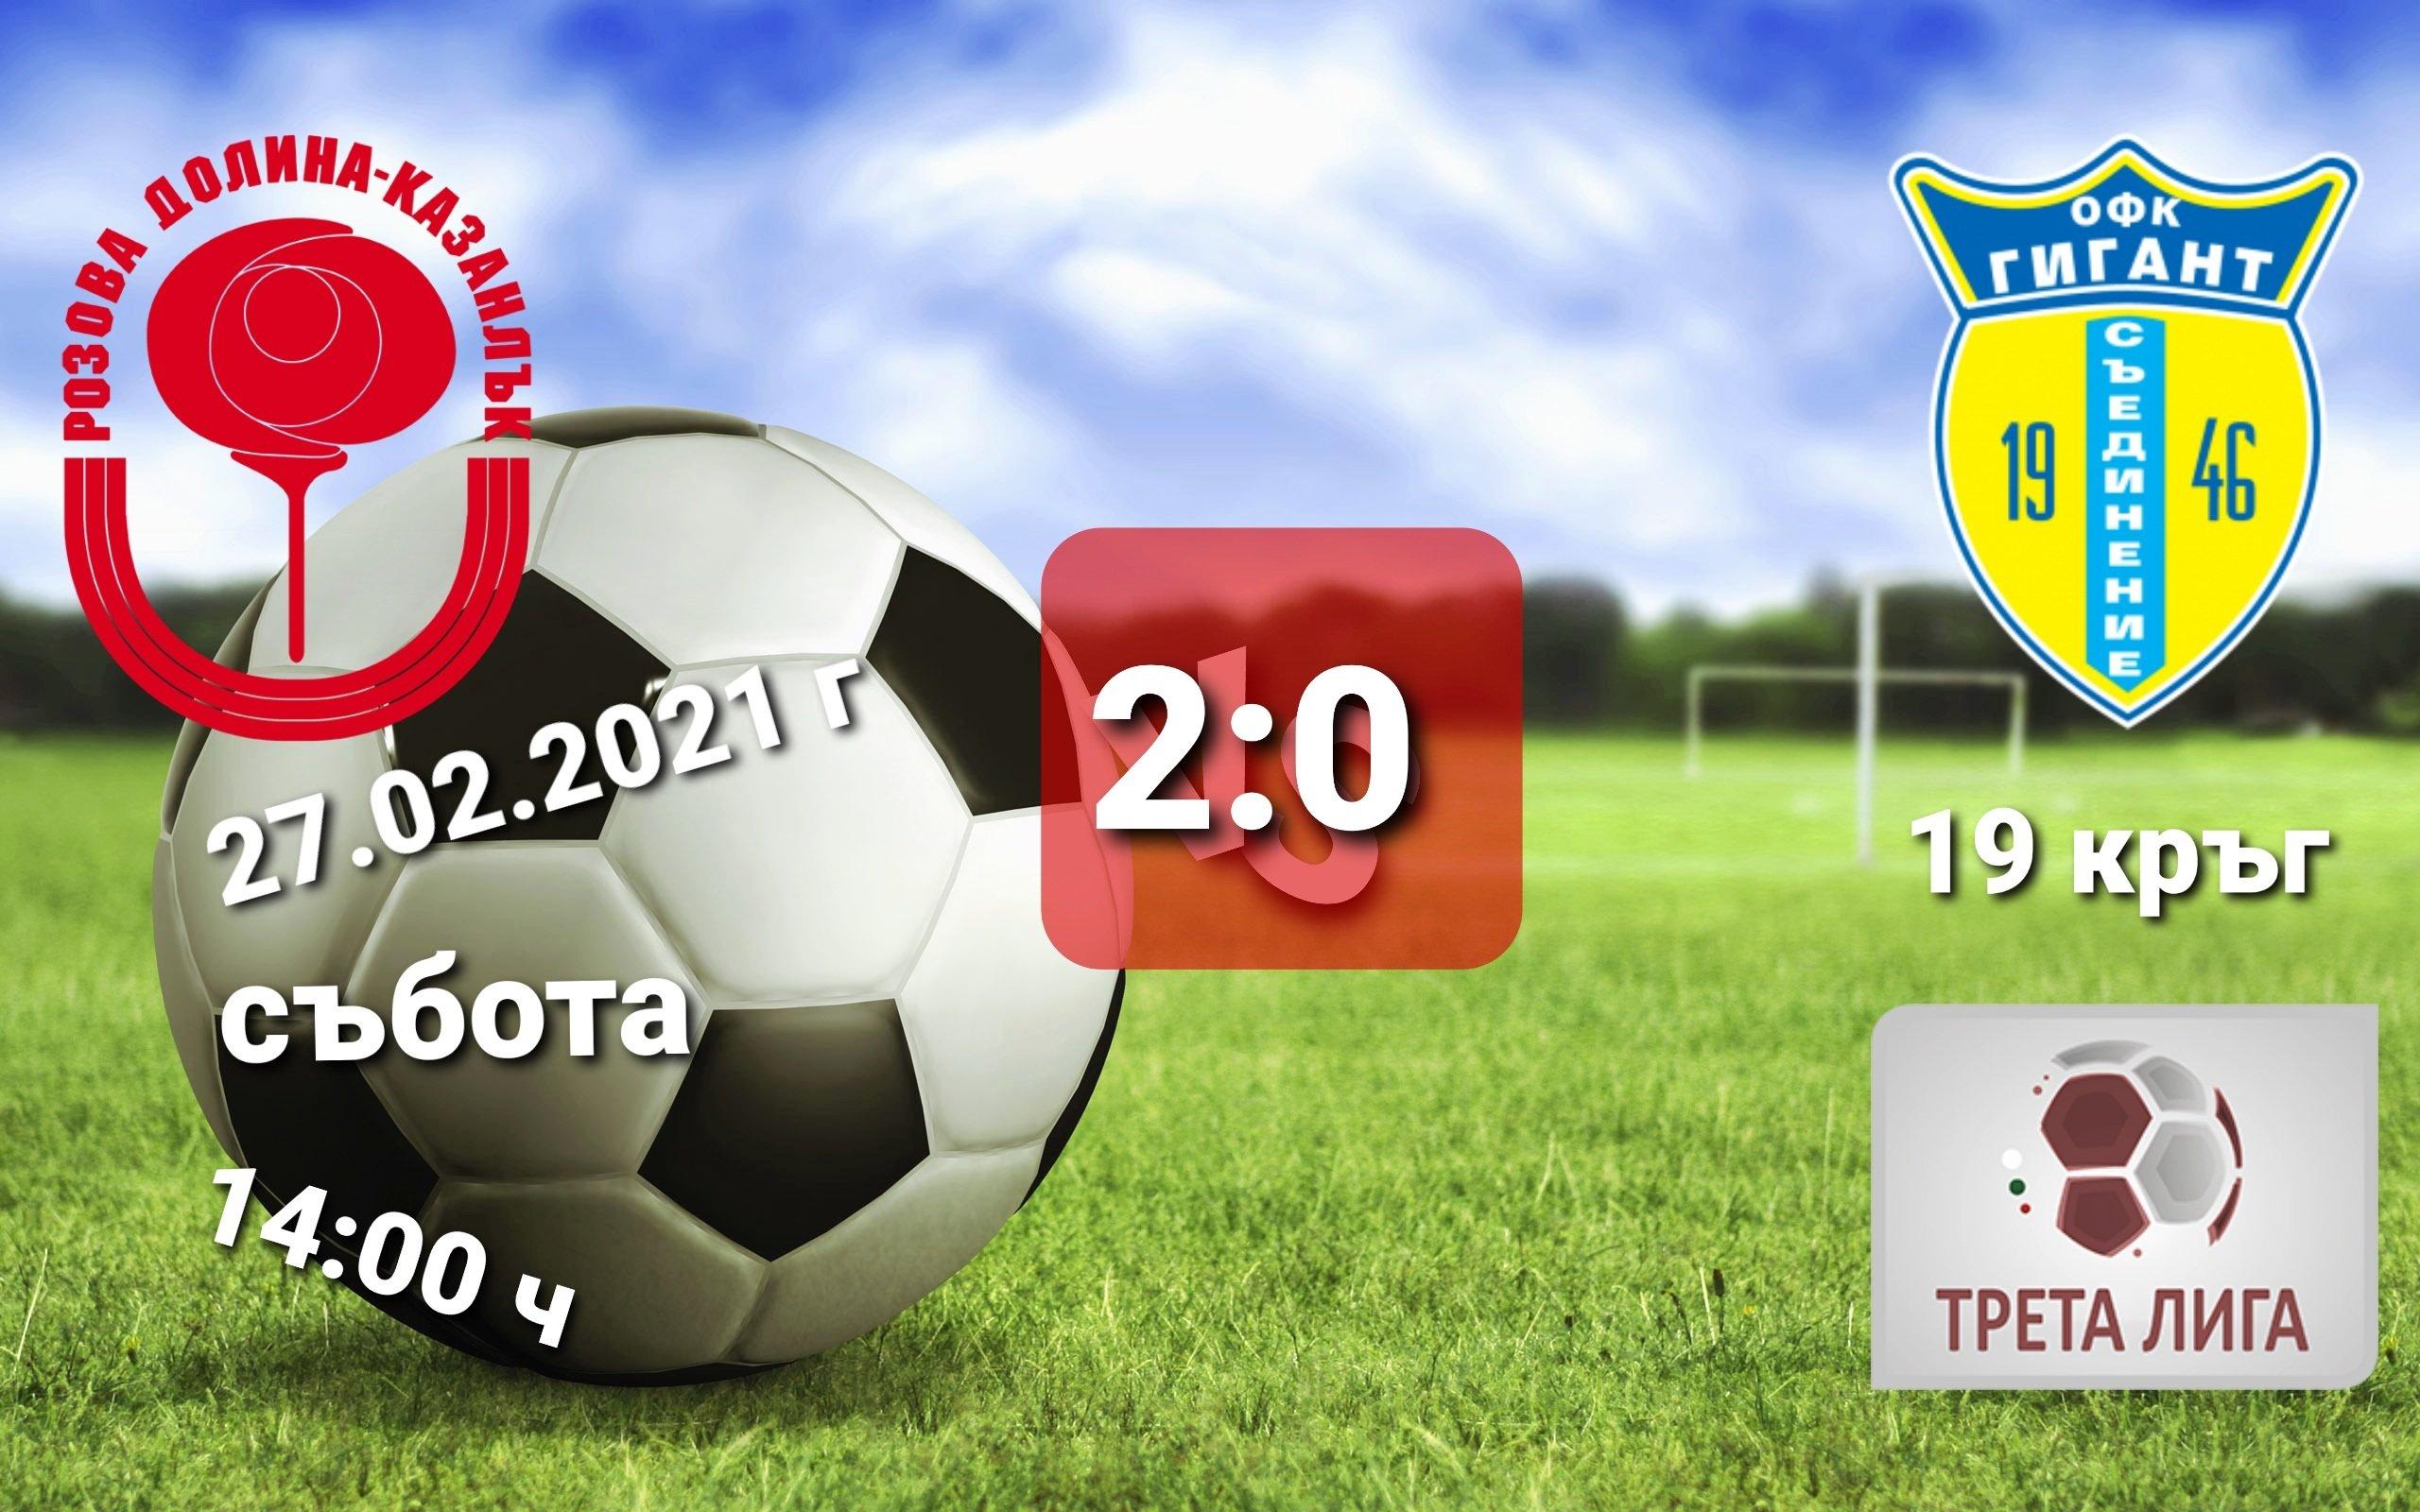 19 кръг: ФК Розова долина (Казанлък) - ОФК Гигант (Съединение)